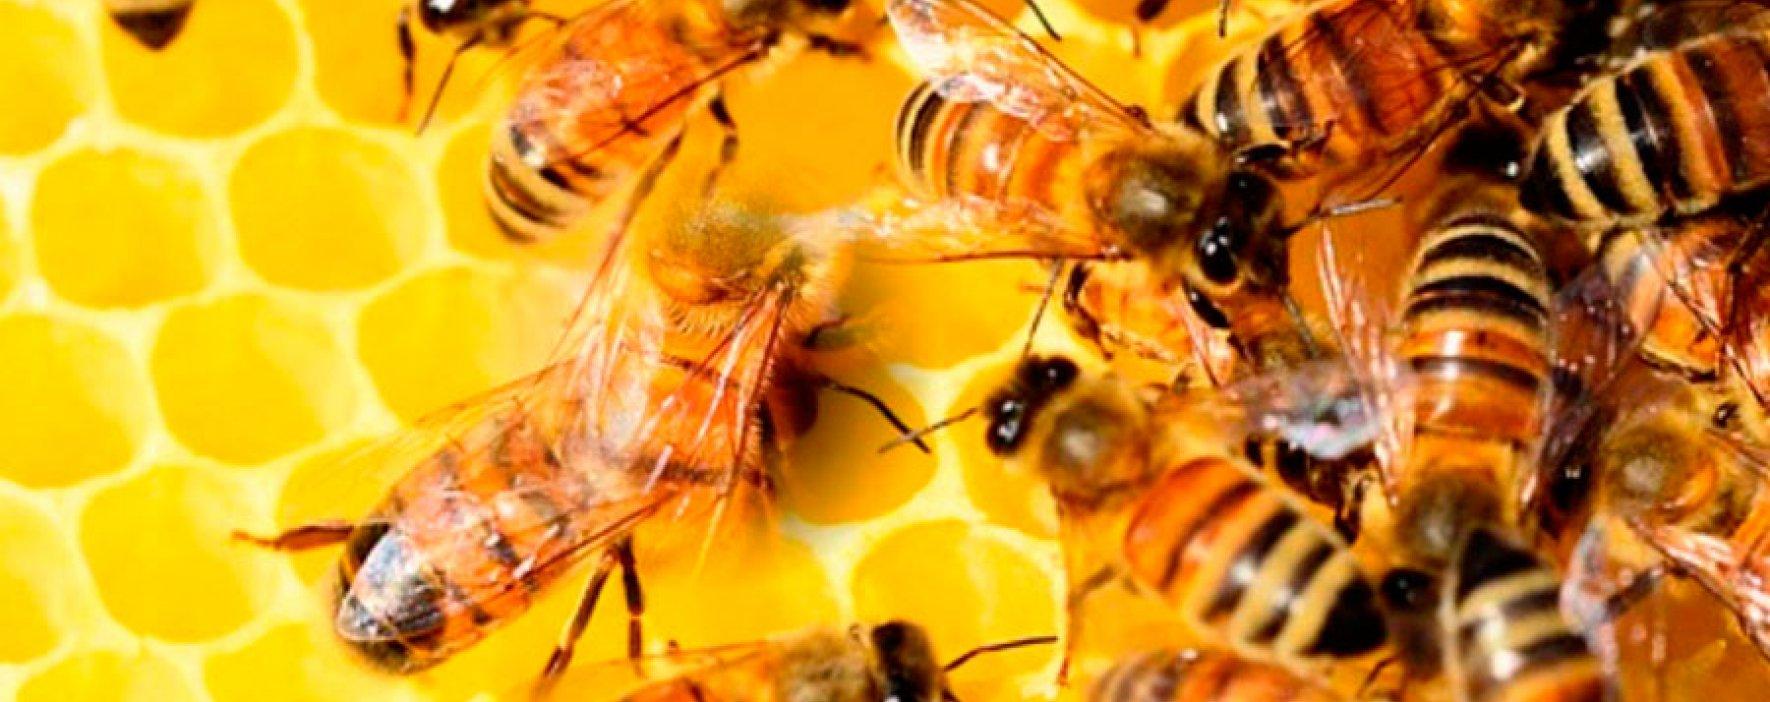 ¿Existe alguna consecuencia si las abejas se extinguieran?